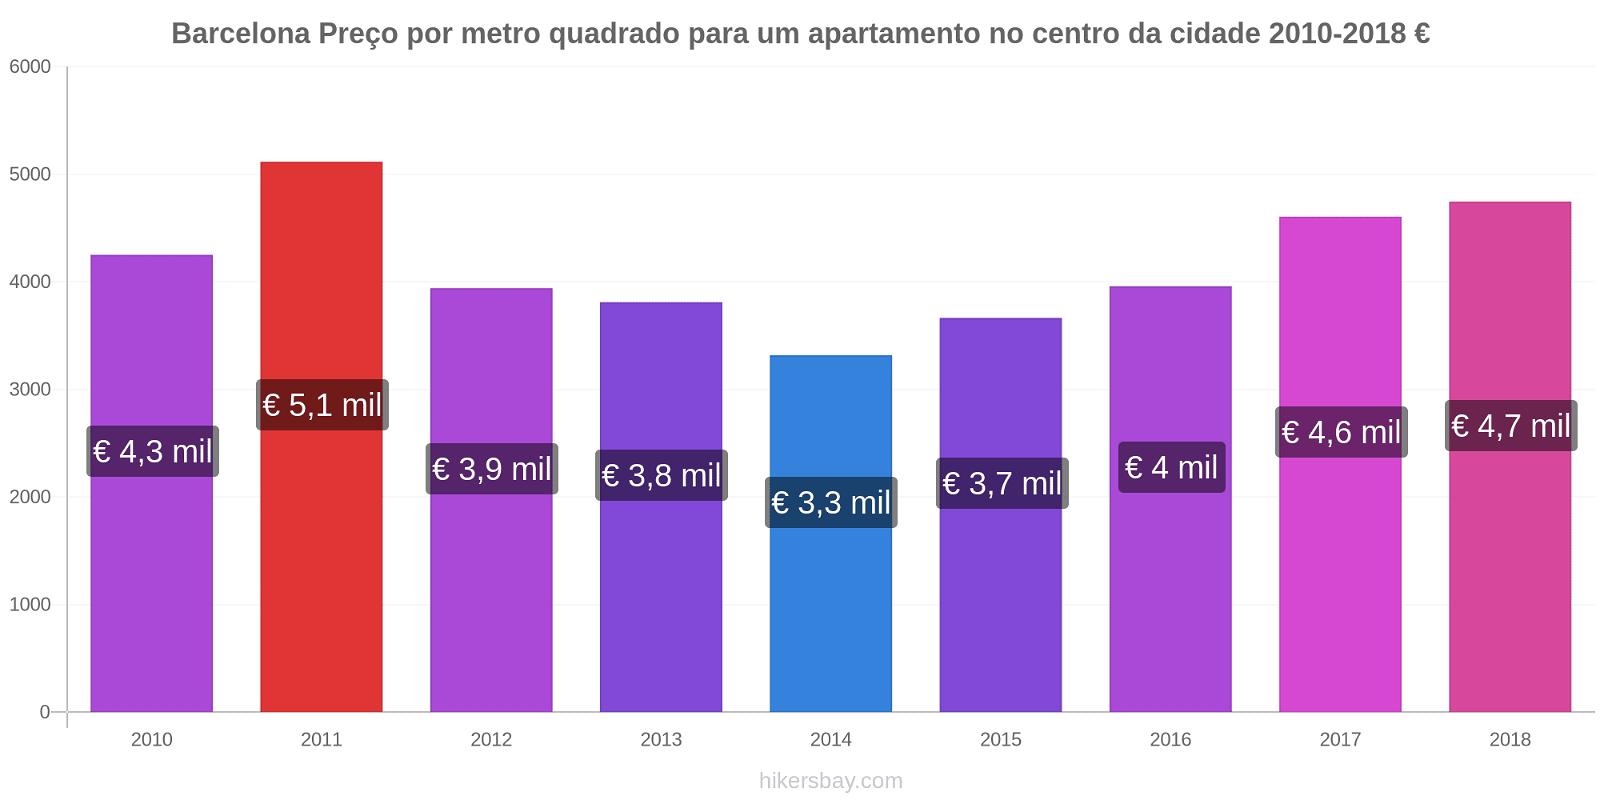 Barcelona variação de preço Preço por metro quadrado para um apartamento no centro da cidade hikersbay.com